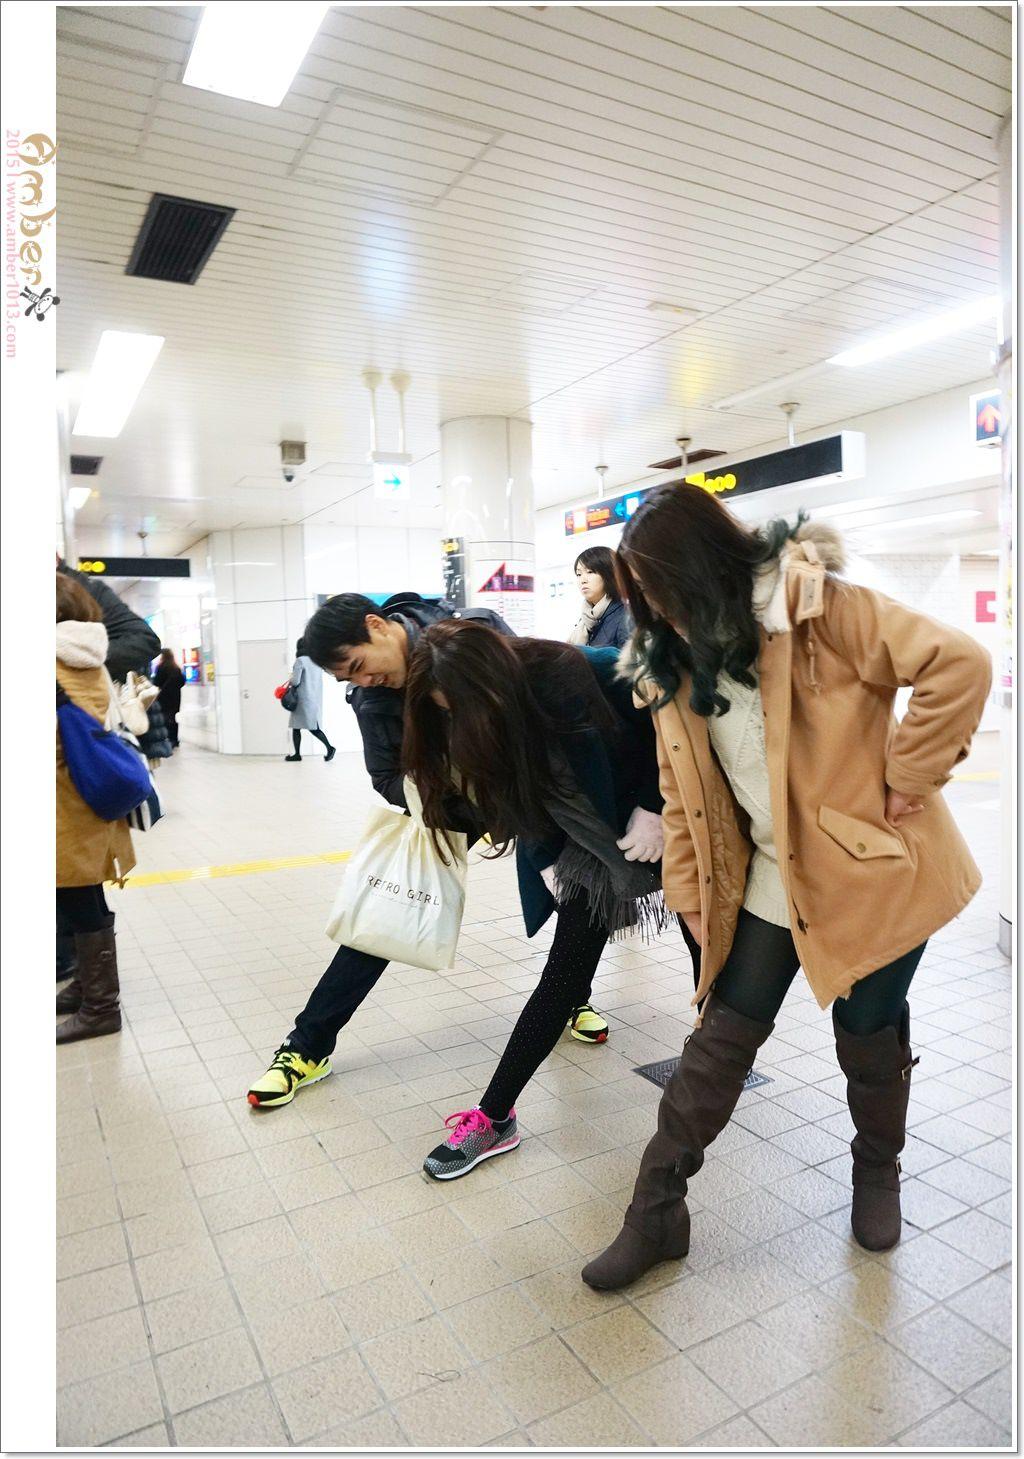 韓國N字鞋,N字鞋穿搭,New-star,New-Balance,日本穿搭,運動鞋穿搭,球鞋穿搭,冬季穿搭